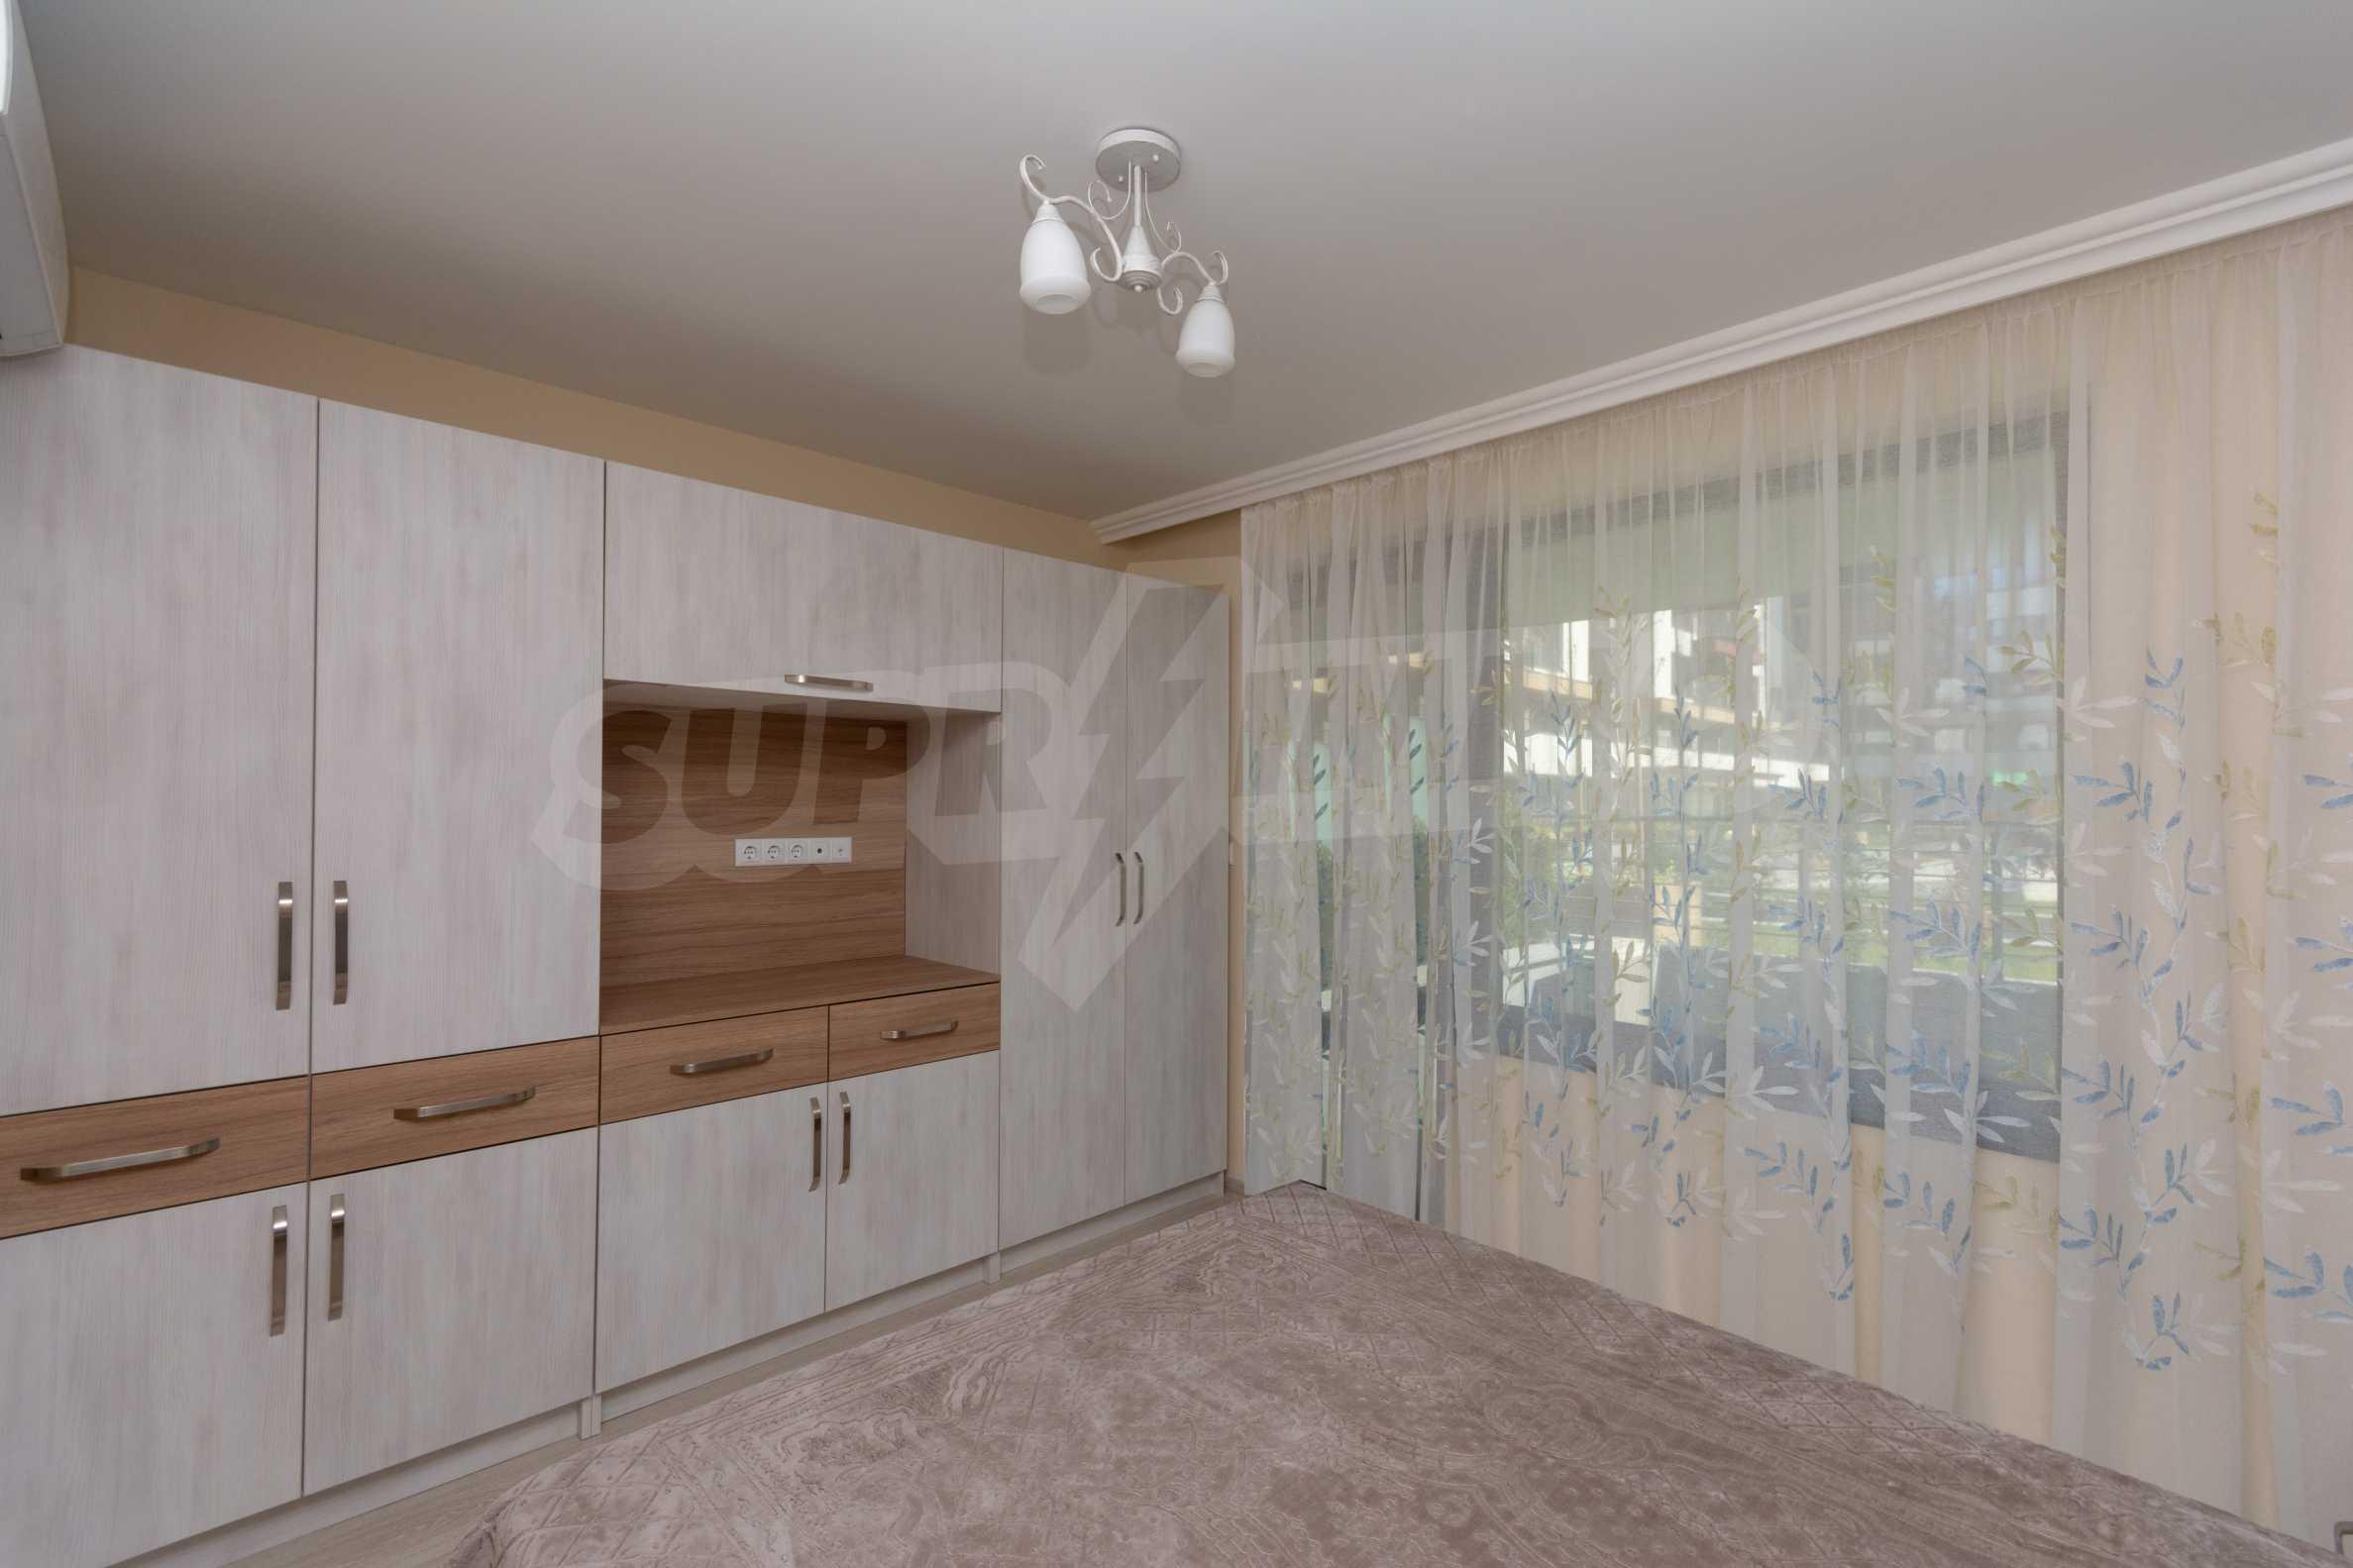 Двустаен апартамент в луксозна жилищна сграда на комуникативна локация в гр.Пловдив 4